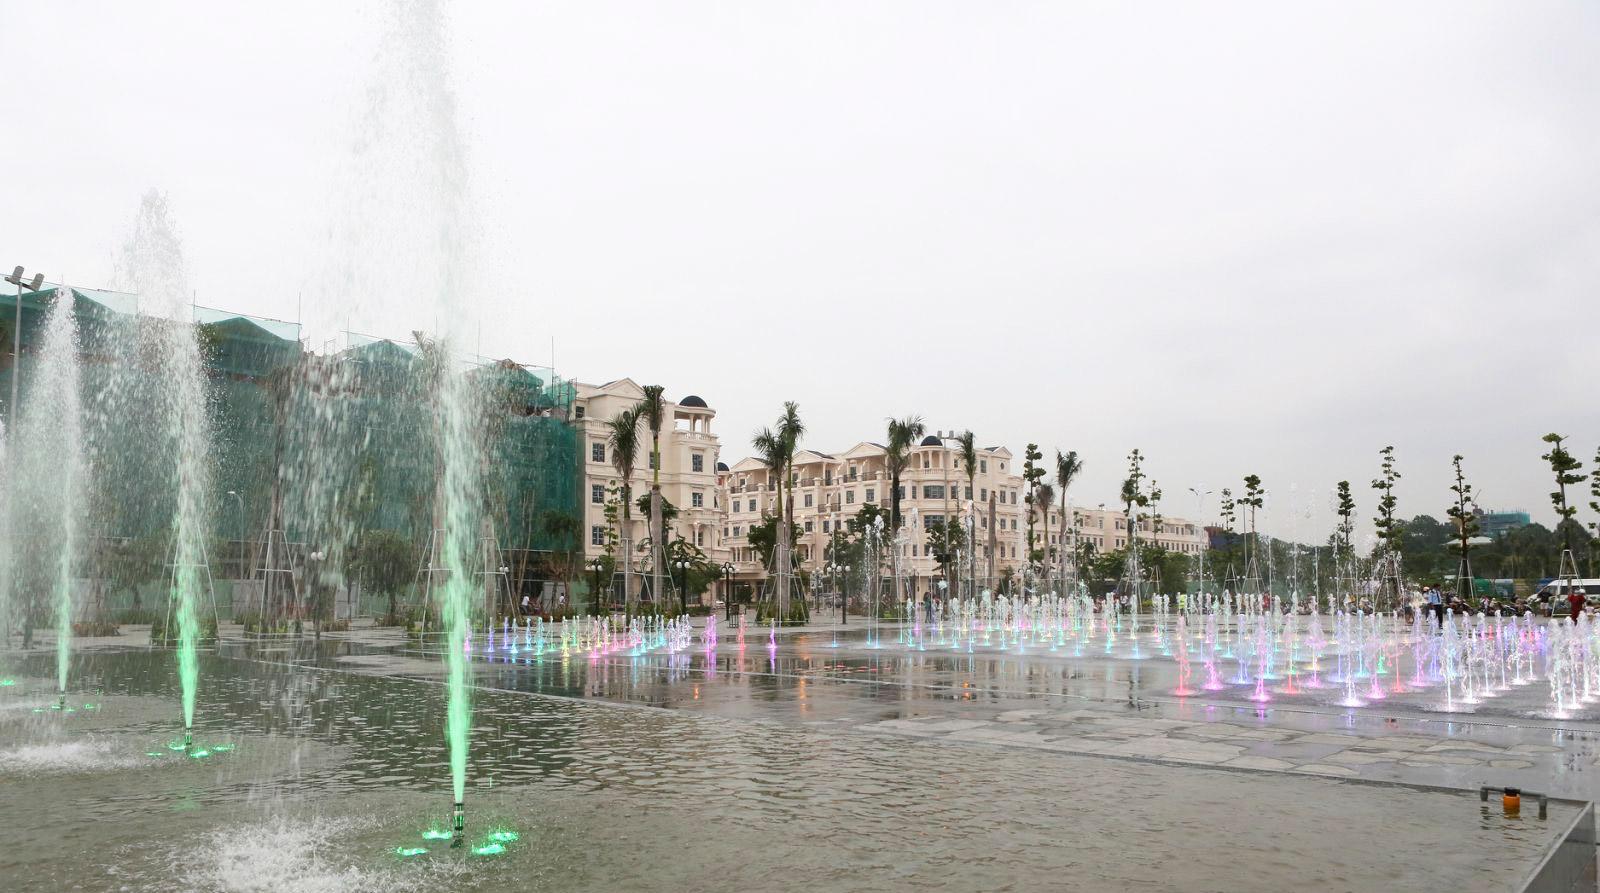 Công viên nhạc nước tại Cityland dự kiến hoạt động vào tháng 10/2020